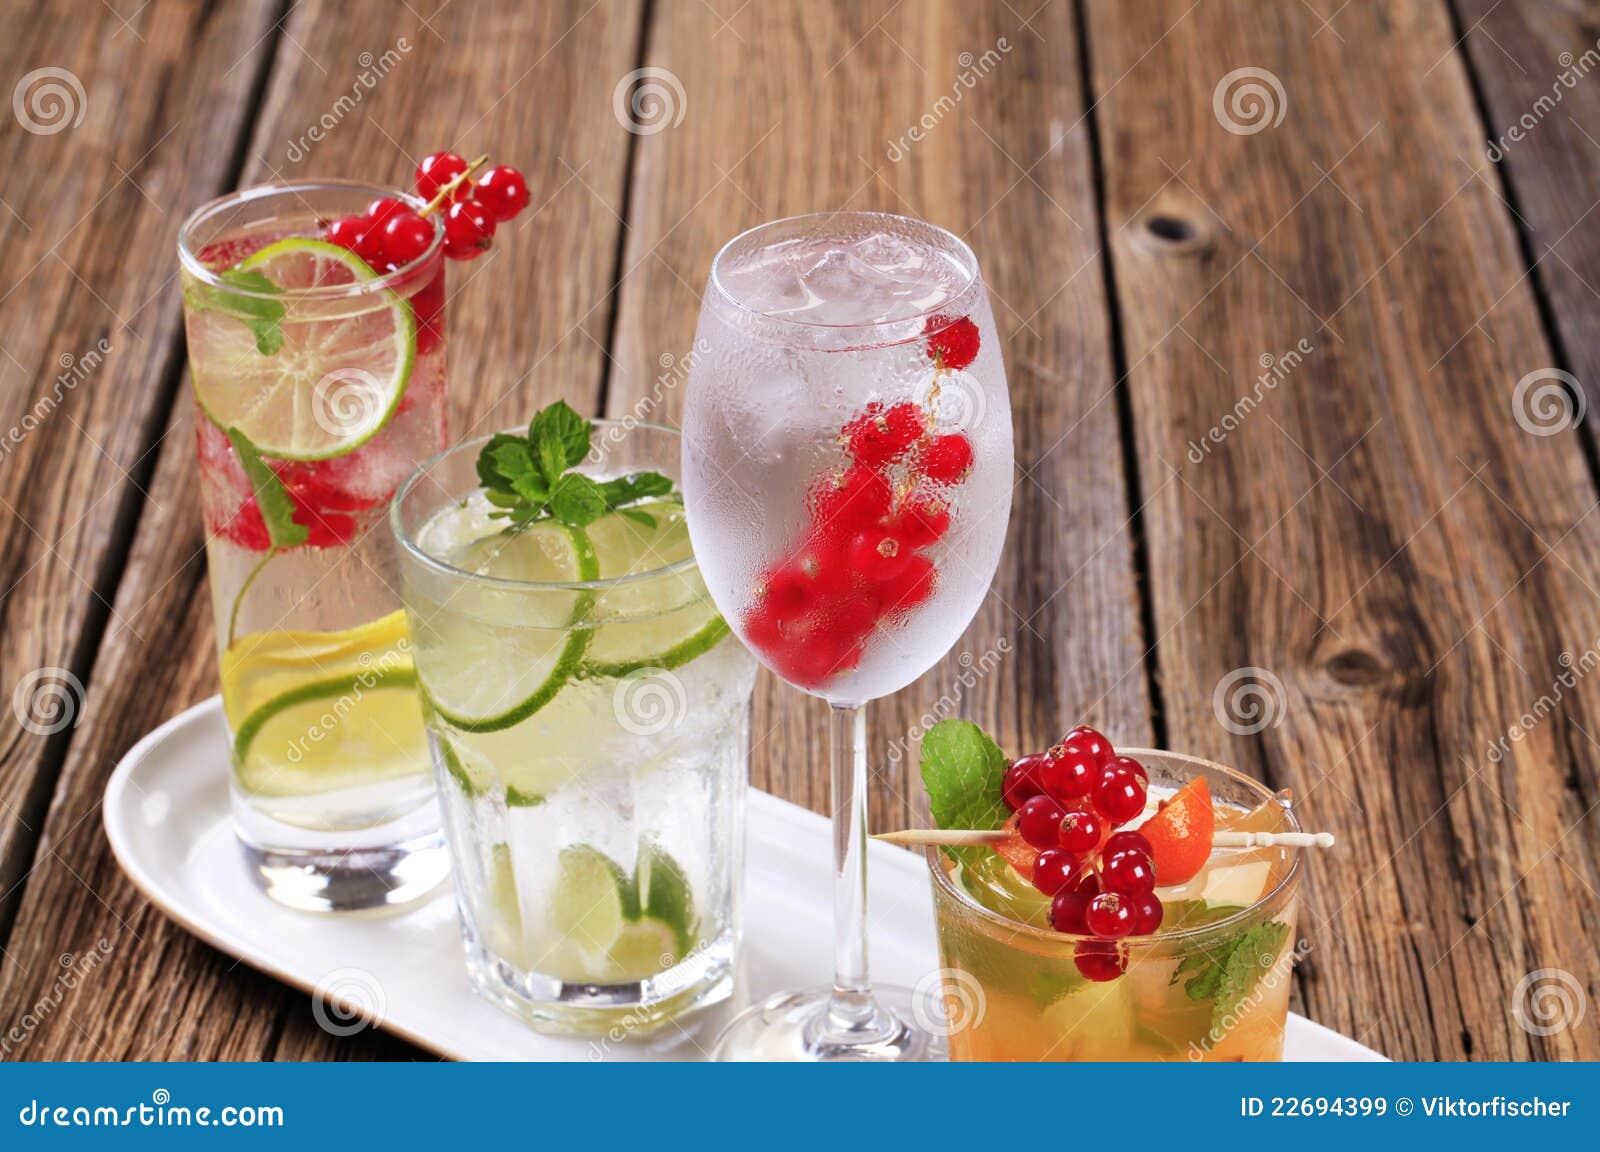 Sommergetränke stockbild. Bild von alcohol, soda, sommer - 22694399